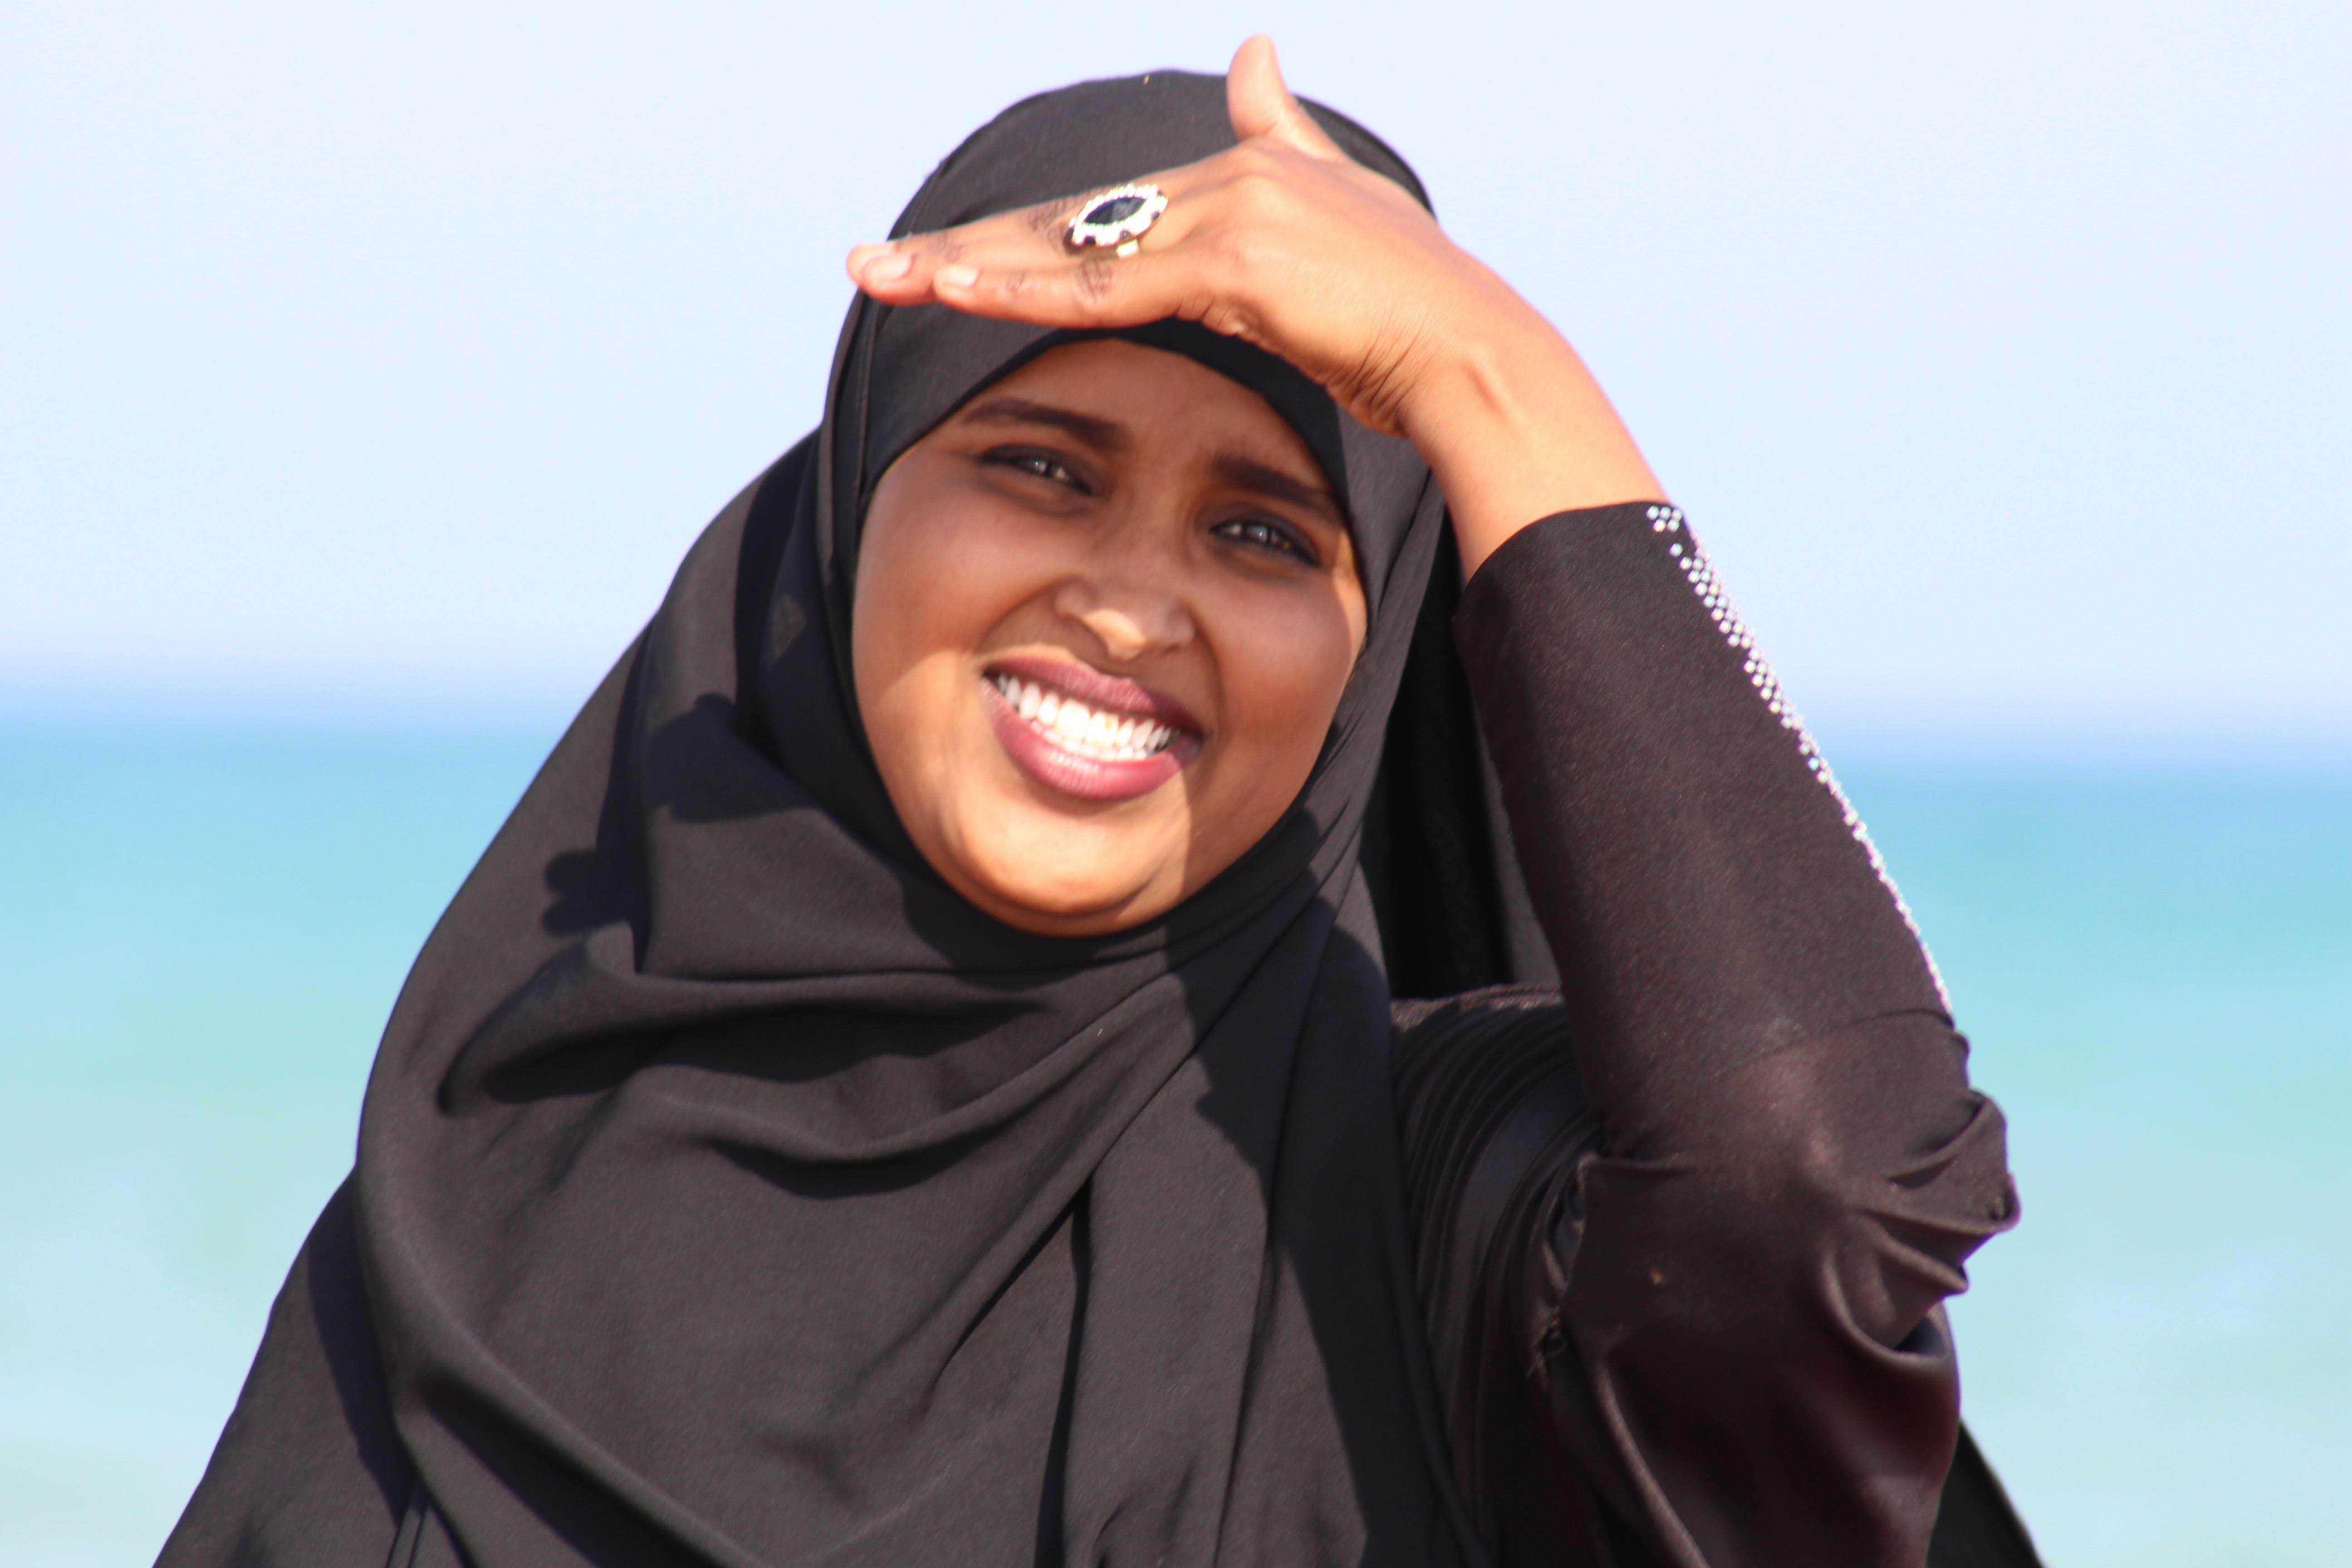 Free stock photo of girl, hijab